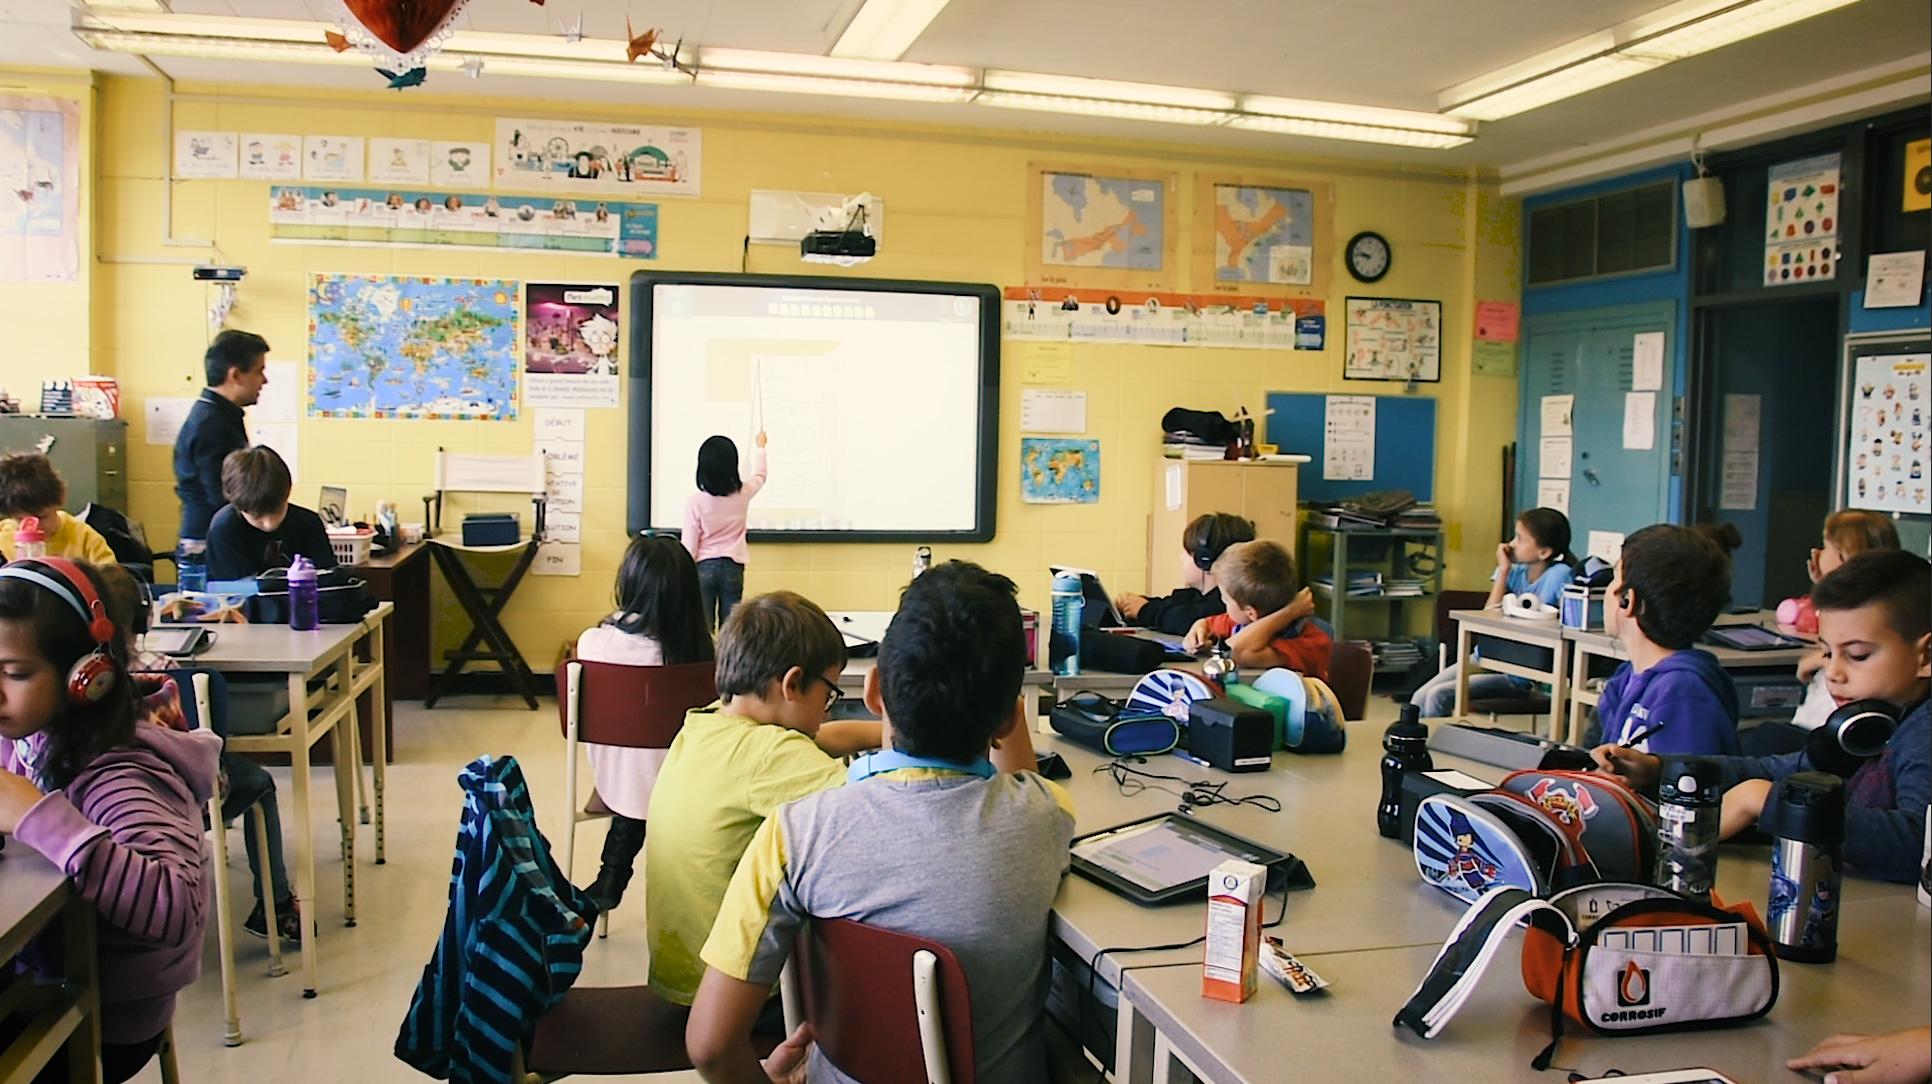 La classe Netmaths de Ludovic Tourné, enseignant à l'école Saint-Fabien, CS de Montréal